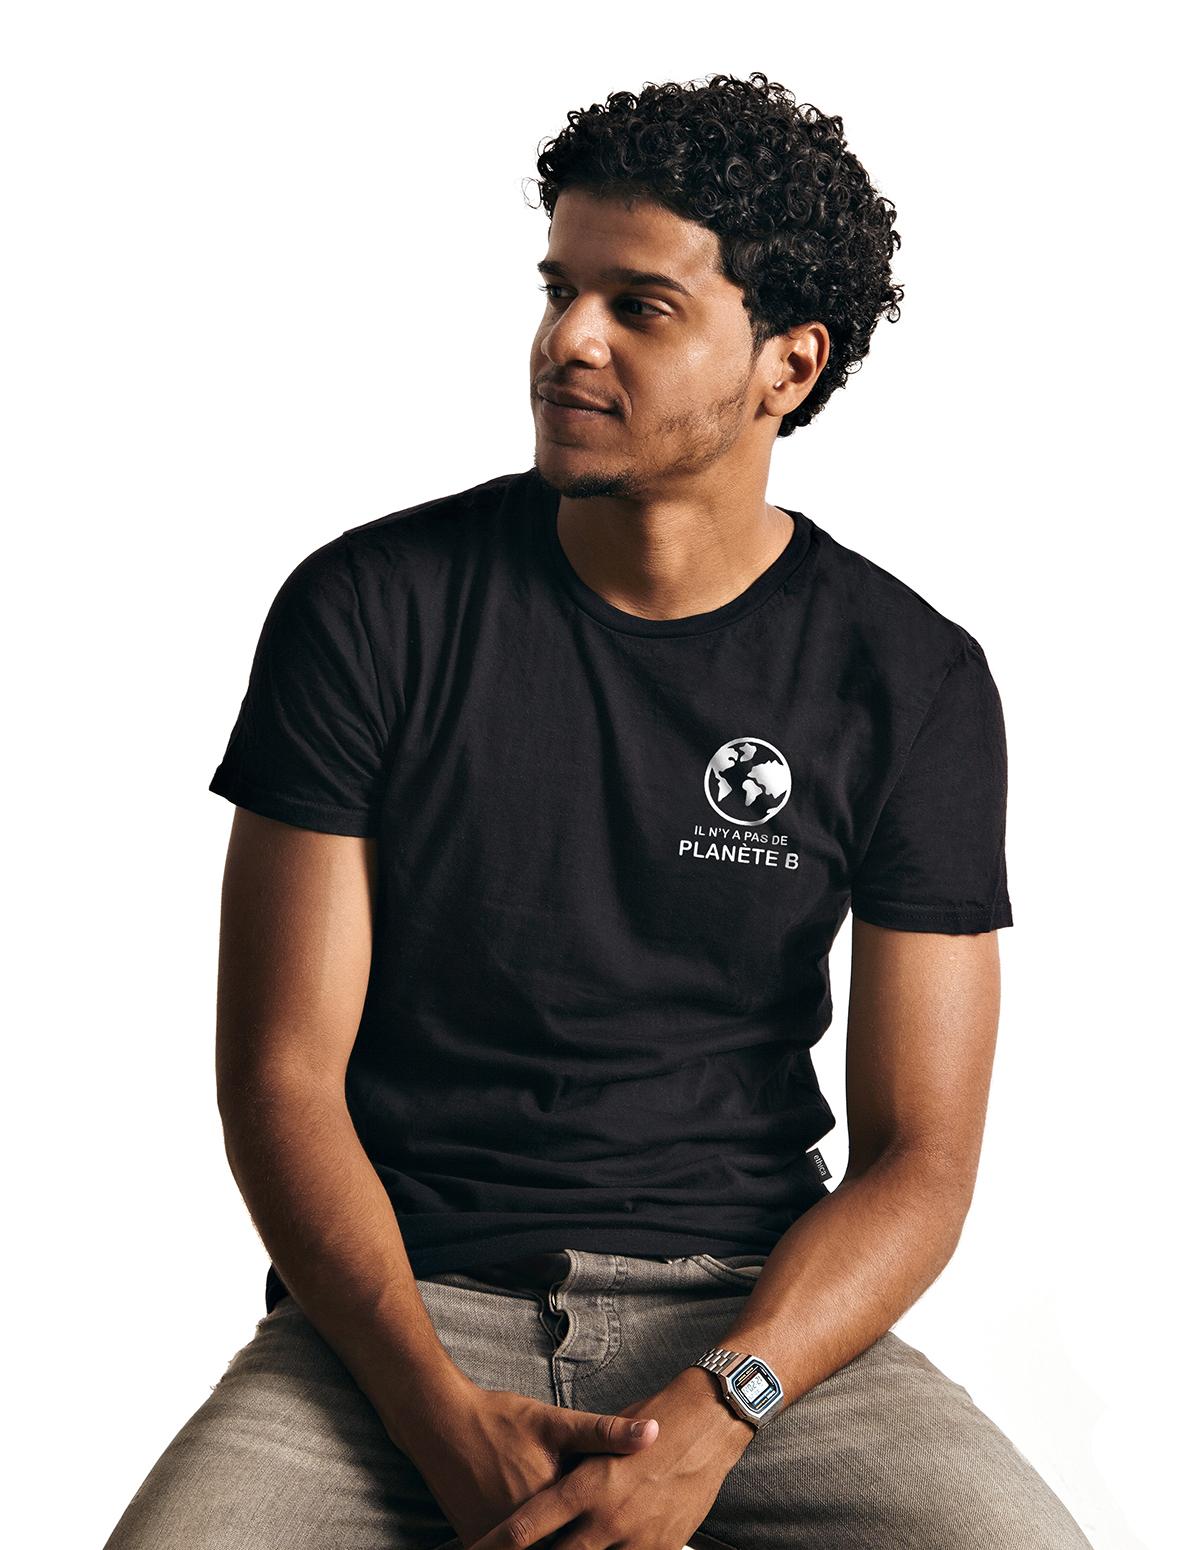 T-shirt col rond unisexe 386 - Pas de Planète B